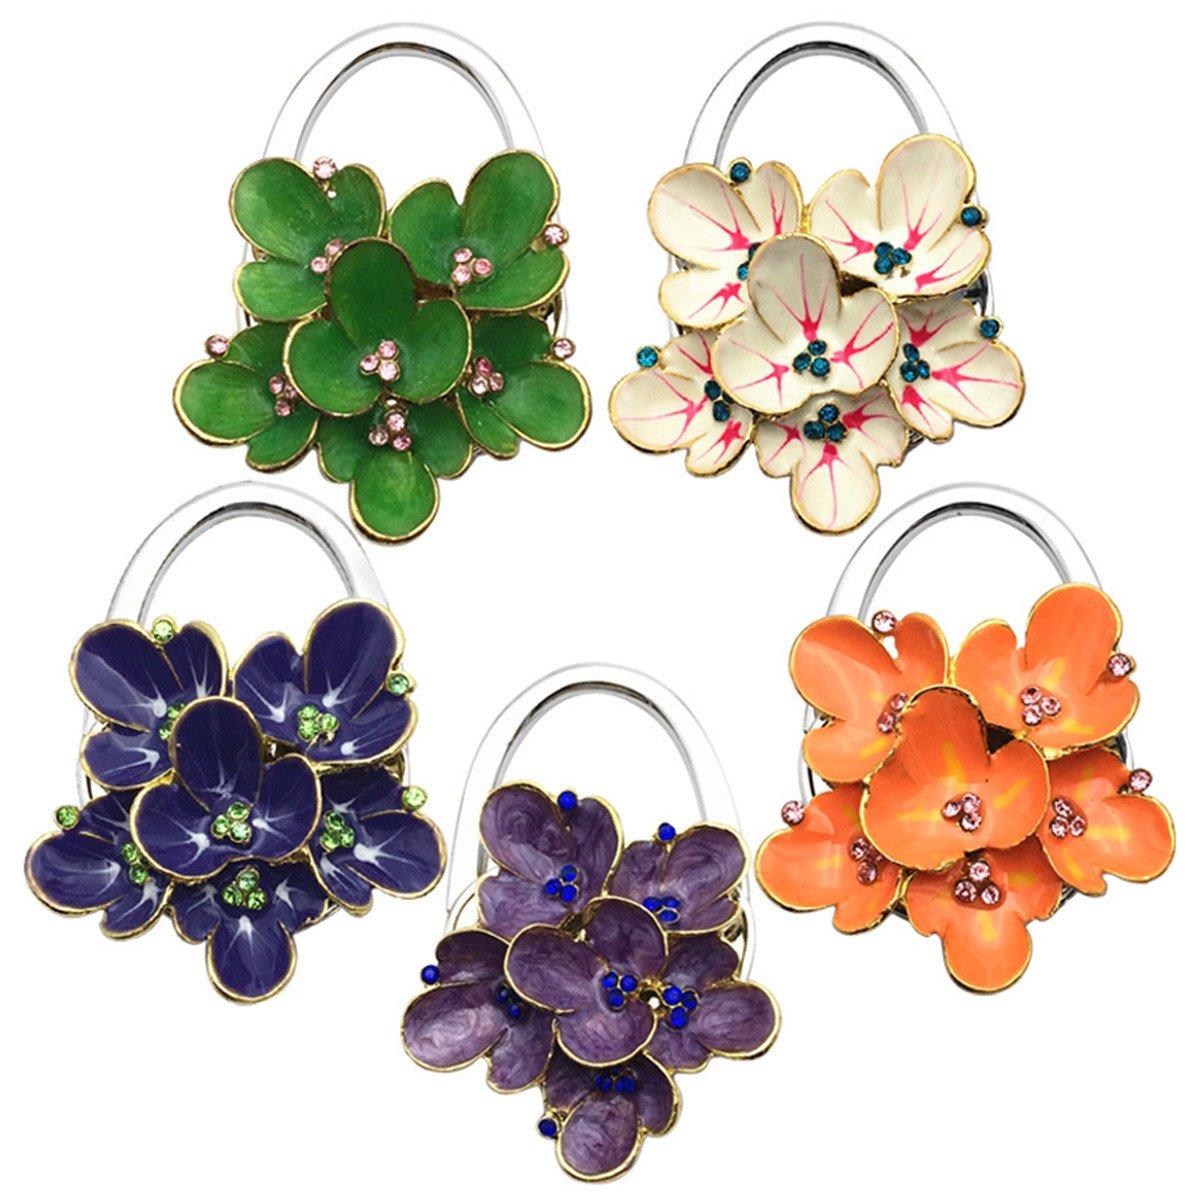 Reizteko Purse Hook,Begonia Foldable Handbag Purse Hanger Hook Holder for Tables (Pack of 5) by Reizteko